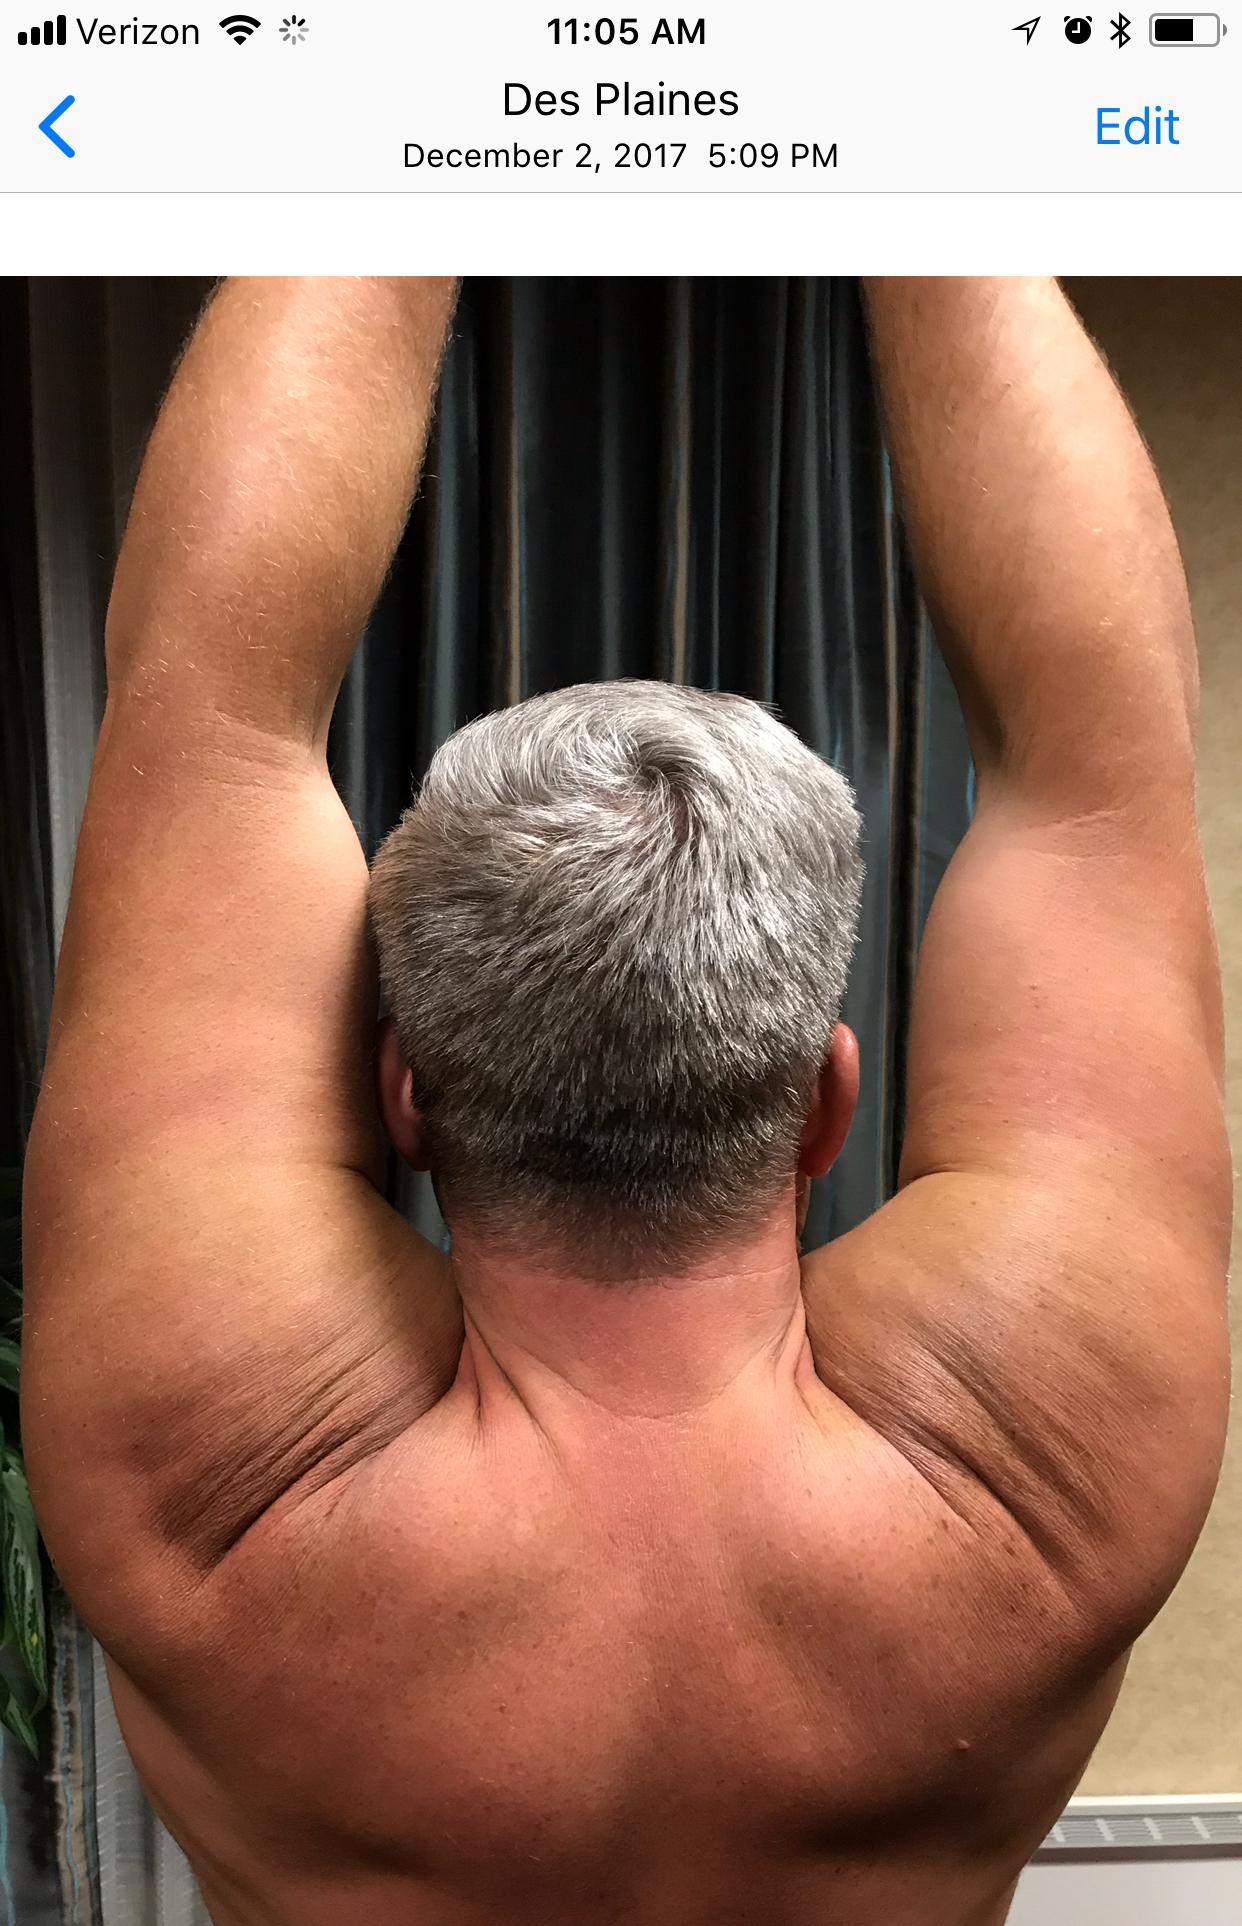 shoulder-image-3.jpg